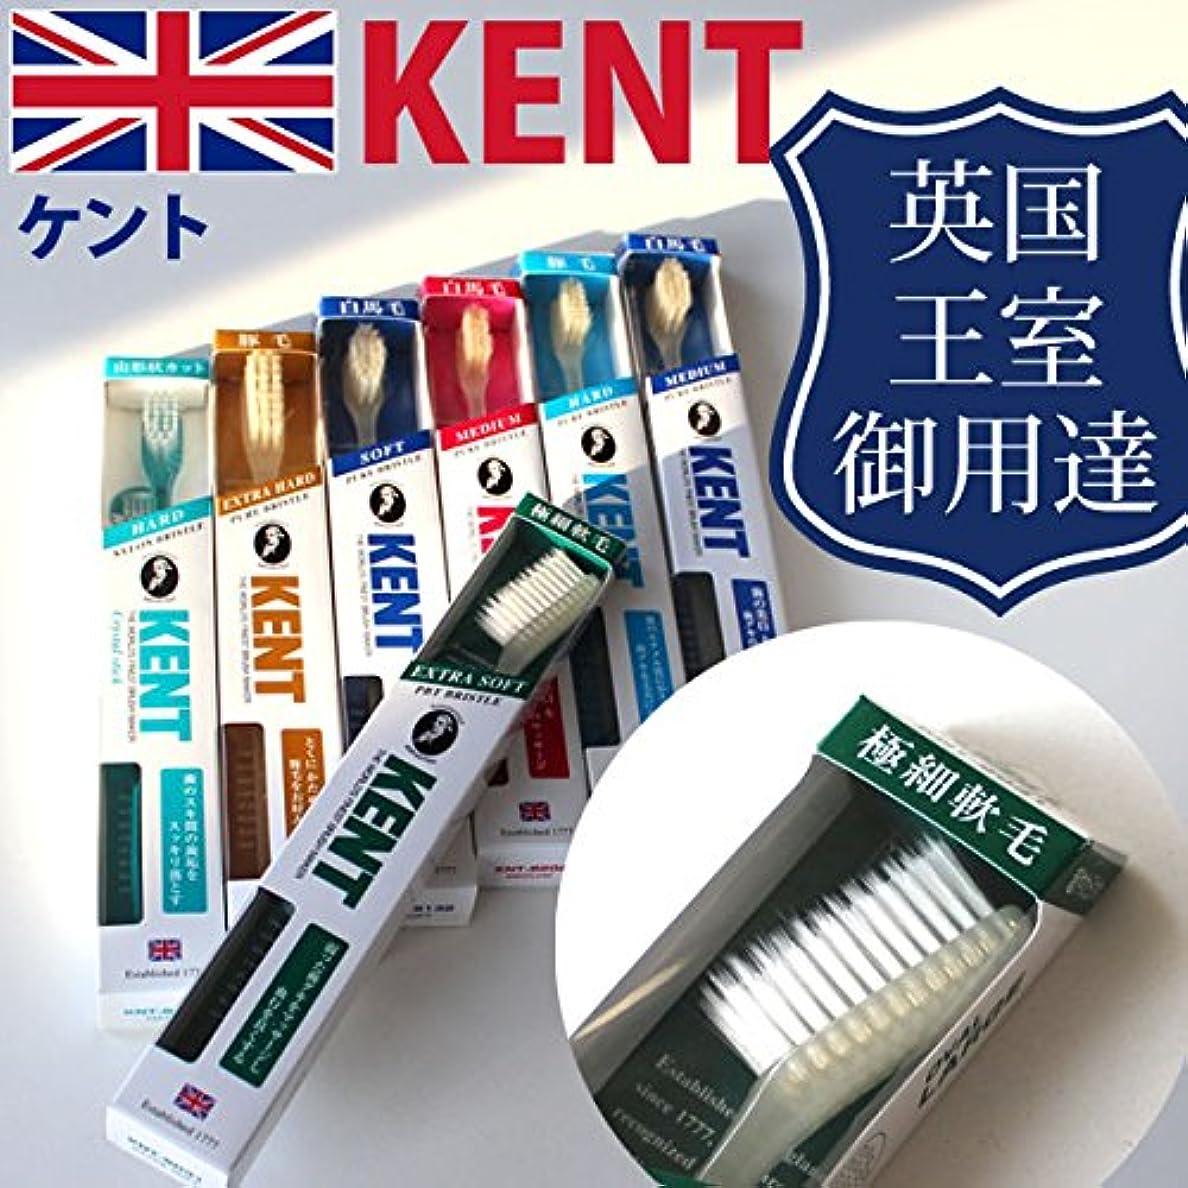 発疹宿るそのケント KENT オーバルラージヘッド極細軟毛/歯ブラシKNT-9031 超やわらかめ 6本入り